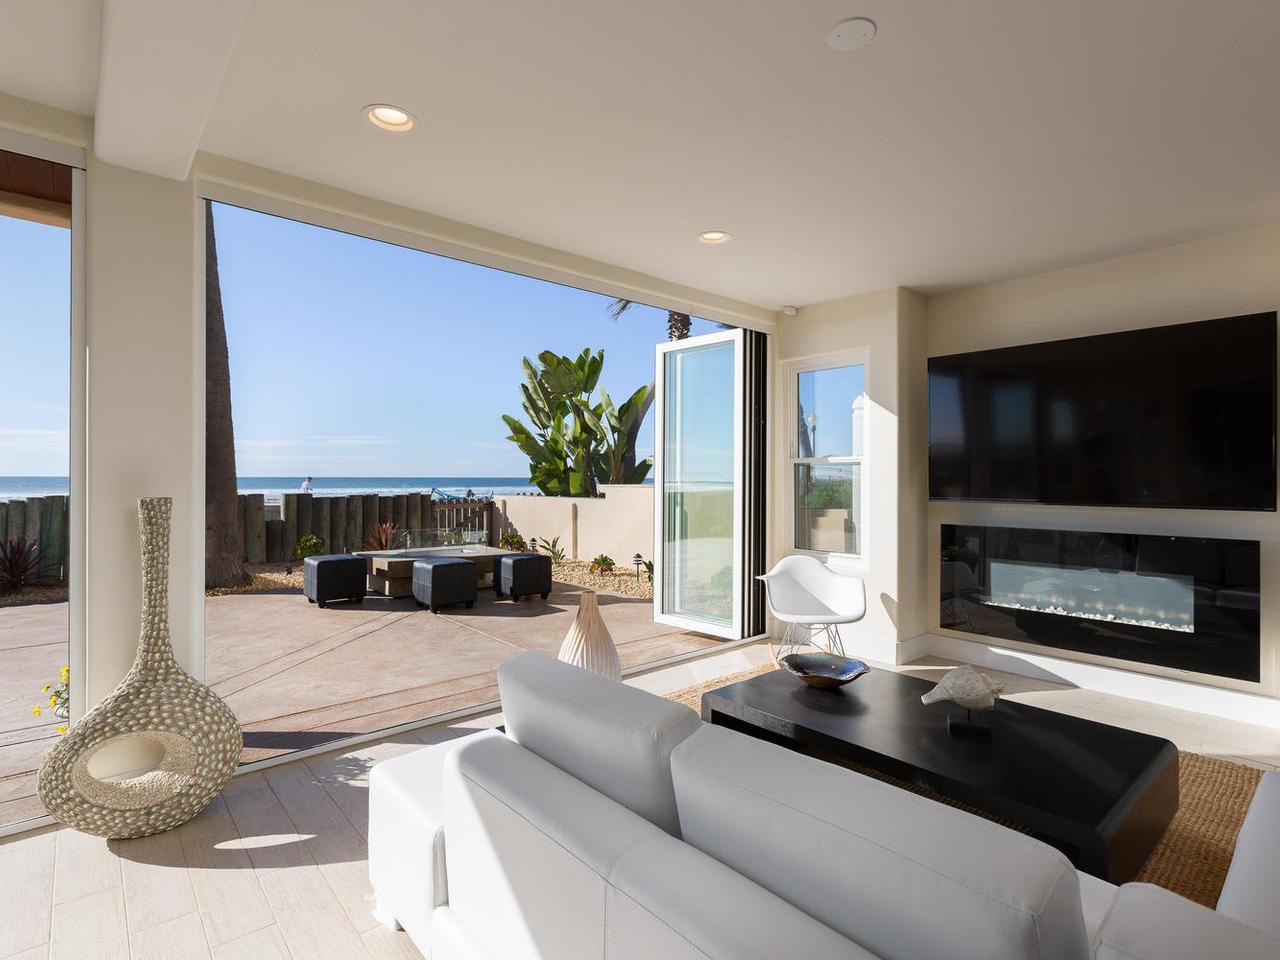 Playa Patio Living Room, Oceanfront Luxury Vacation Rental In San Diego